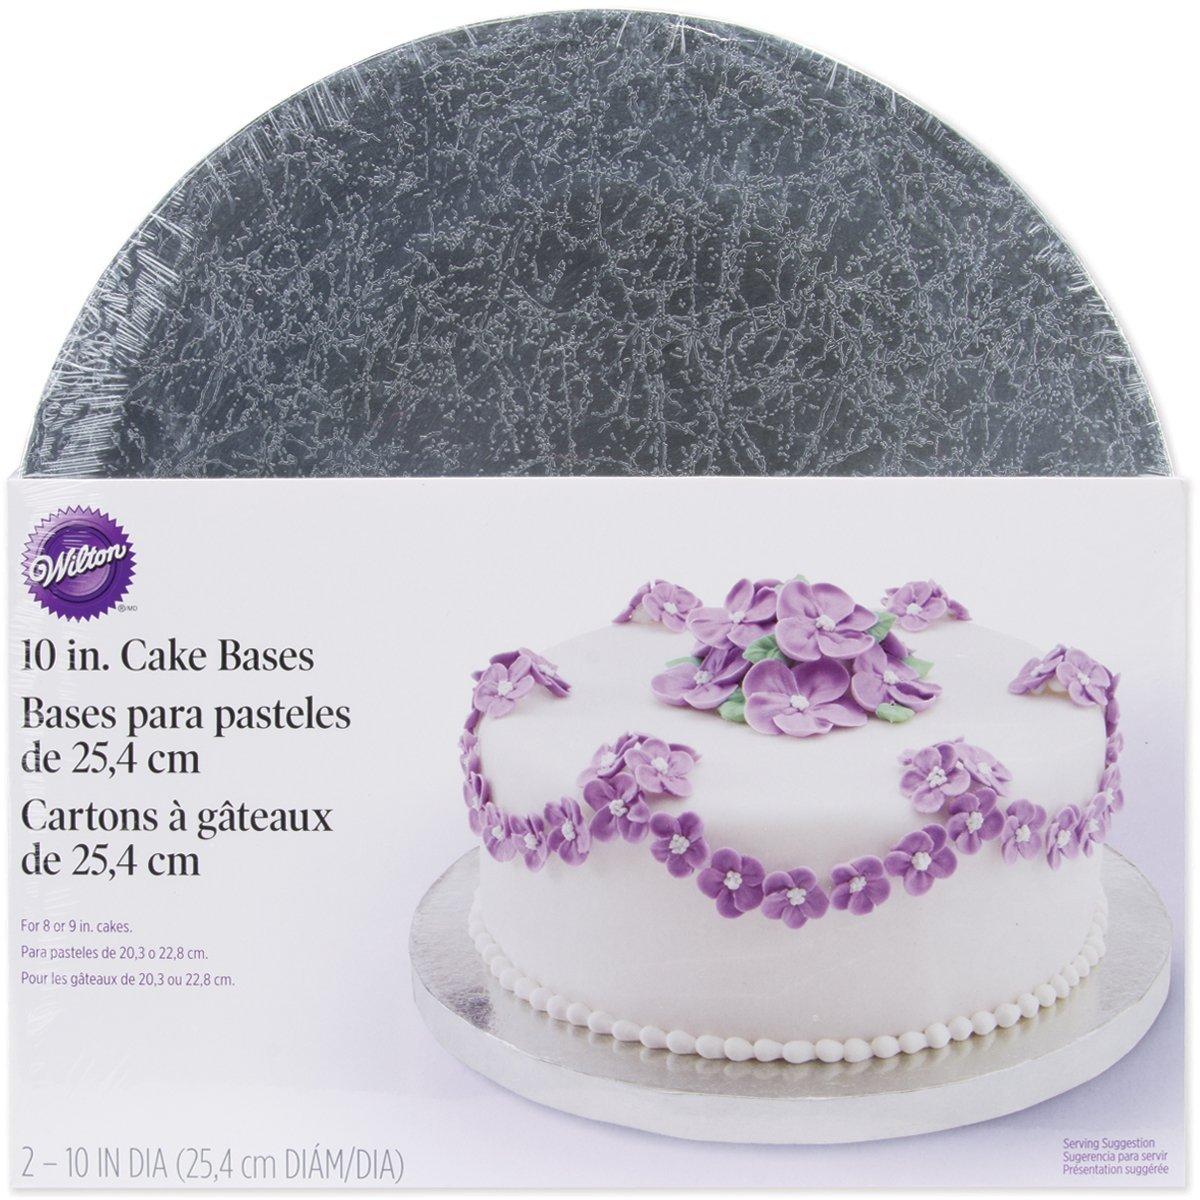 Набор подставок для торта Wilton, диаметр 25,4 см, 2 штCM000001328Набор Wilton включает две круглые подставки для торта, выполненные из гофрокартона с жироустойчивым покрытием. Подставки достаточно надежные, чтобы выдержать довольно тяжелый торт с большим количеством украшений. Идеальны для любых видов тортов. Диаметр подставок идеален, чтобы украсить торт по краю кремовыми жемчужинами или ленточками.С такими подставками вы всегда сможете красиво оформить вашу выпечку.Диаметр подставки: 25,4 см. Толщина подставки: 1,5 см.